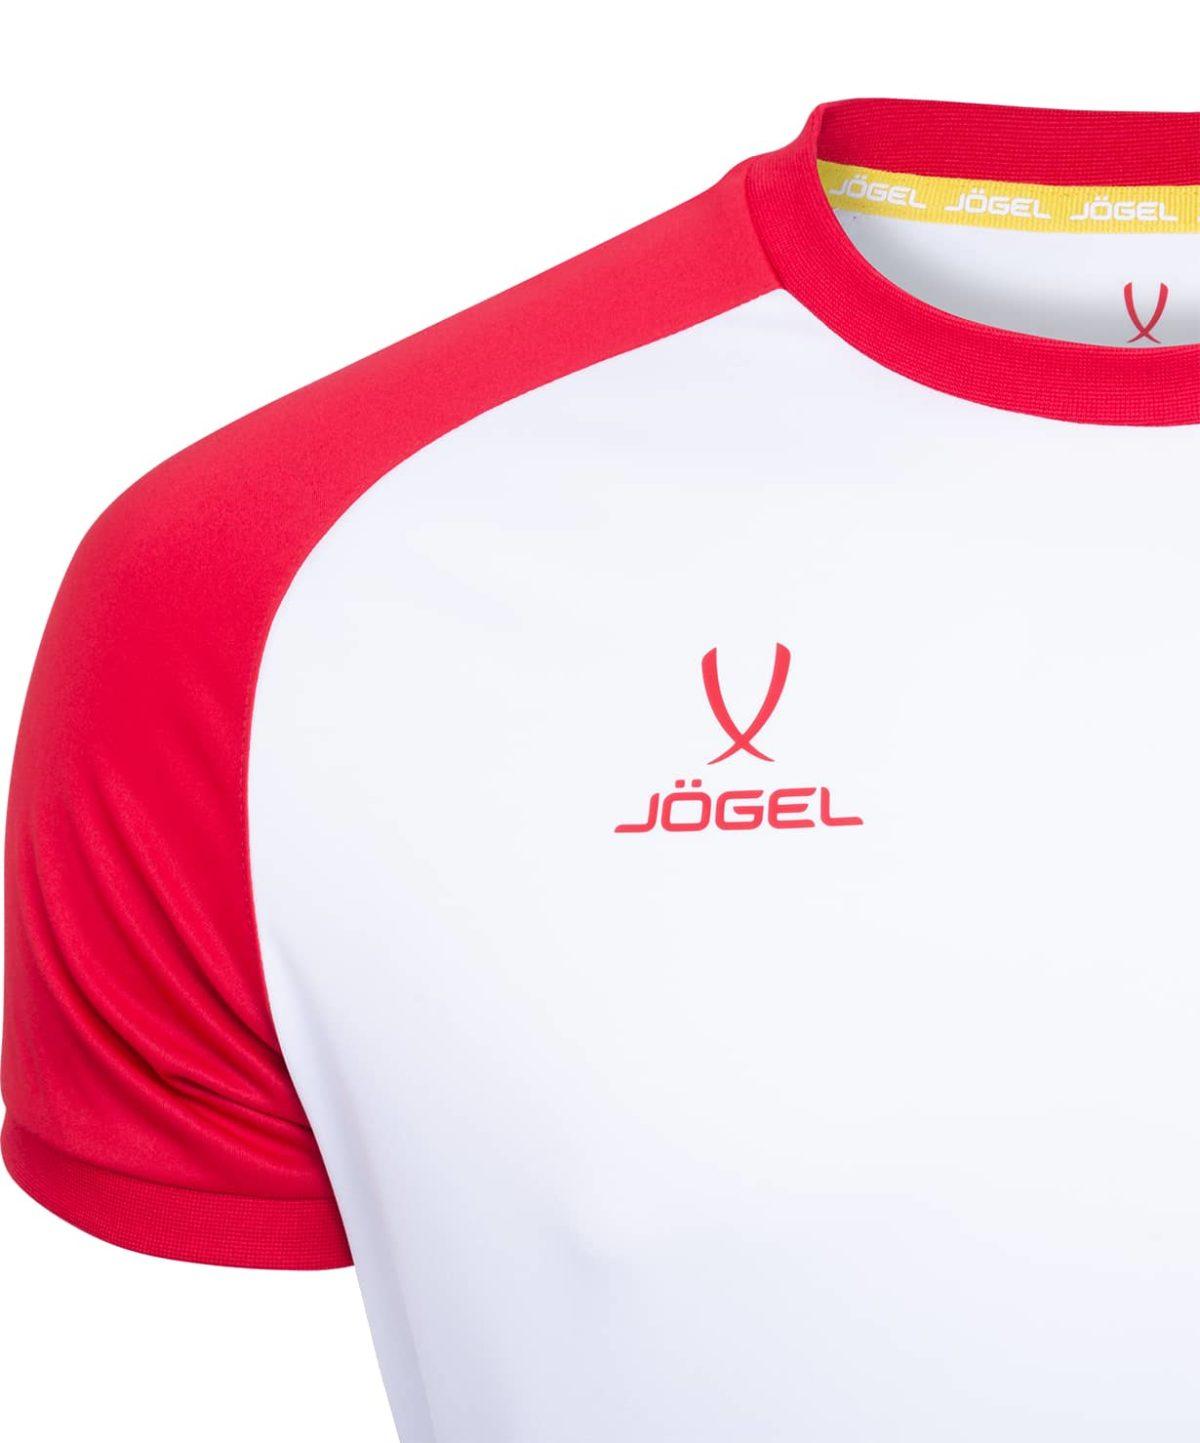 JOGEL CAMP Reglan футболка футбольная детская, белый/красный  JFT-1021-071-K - 3